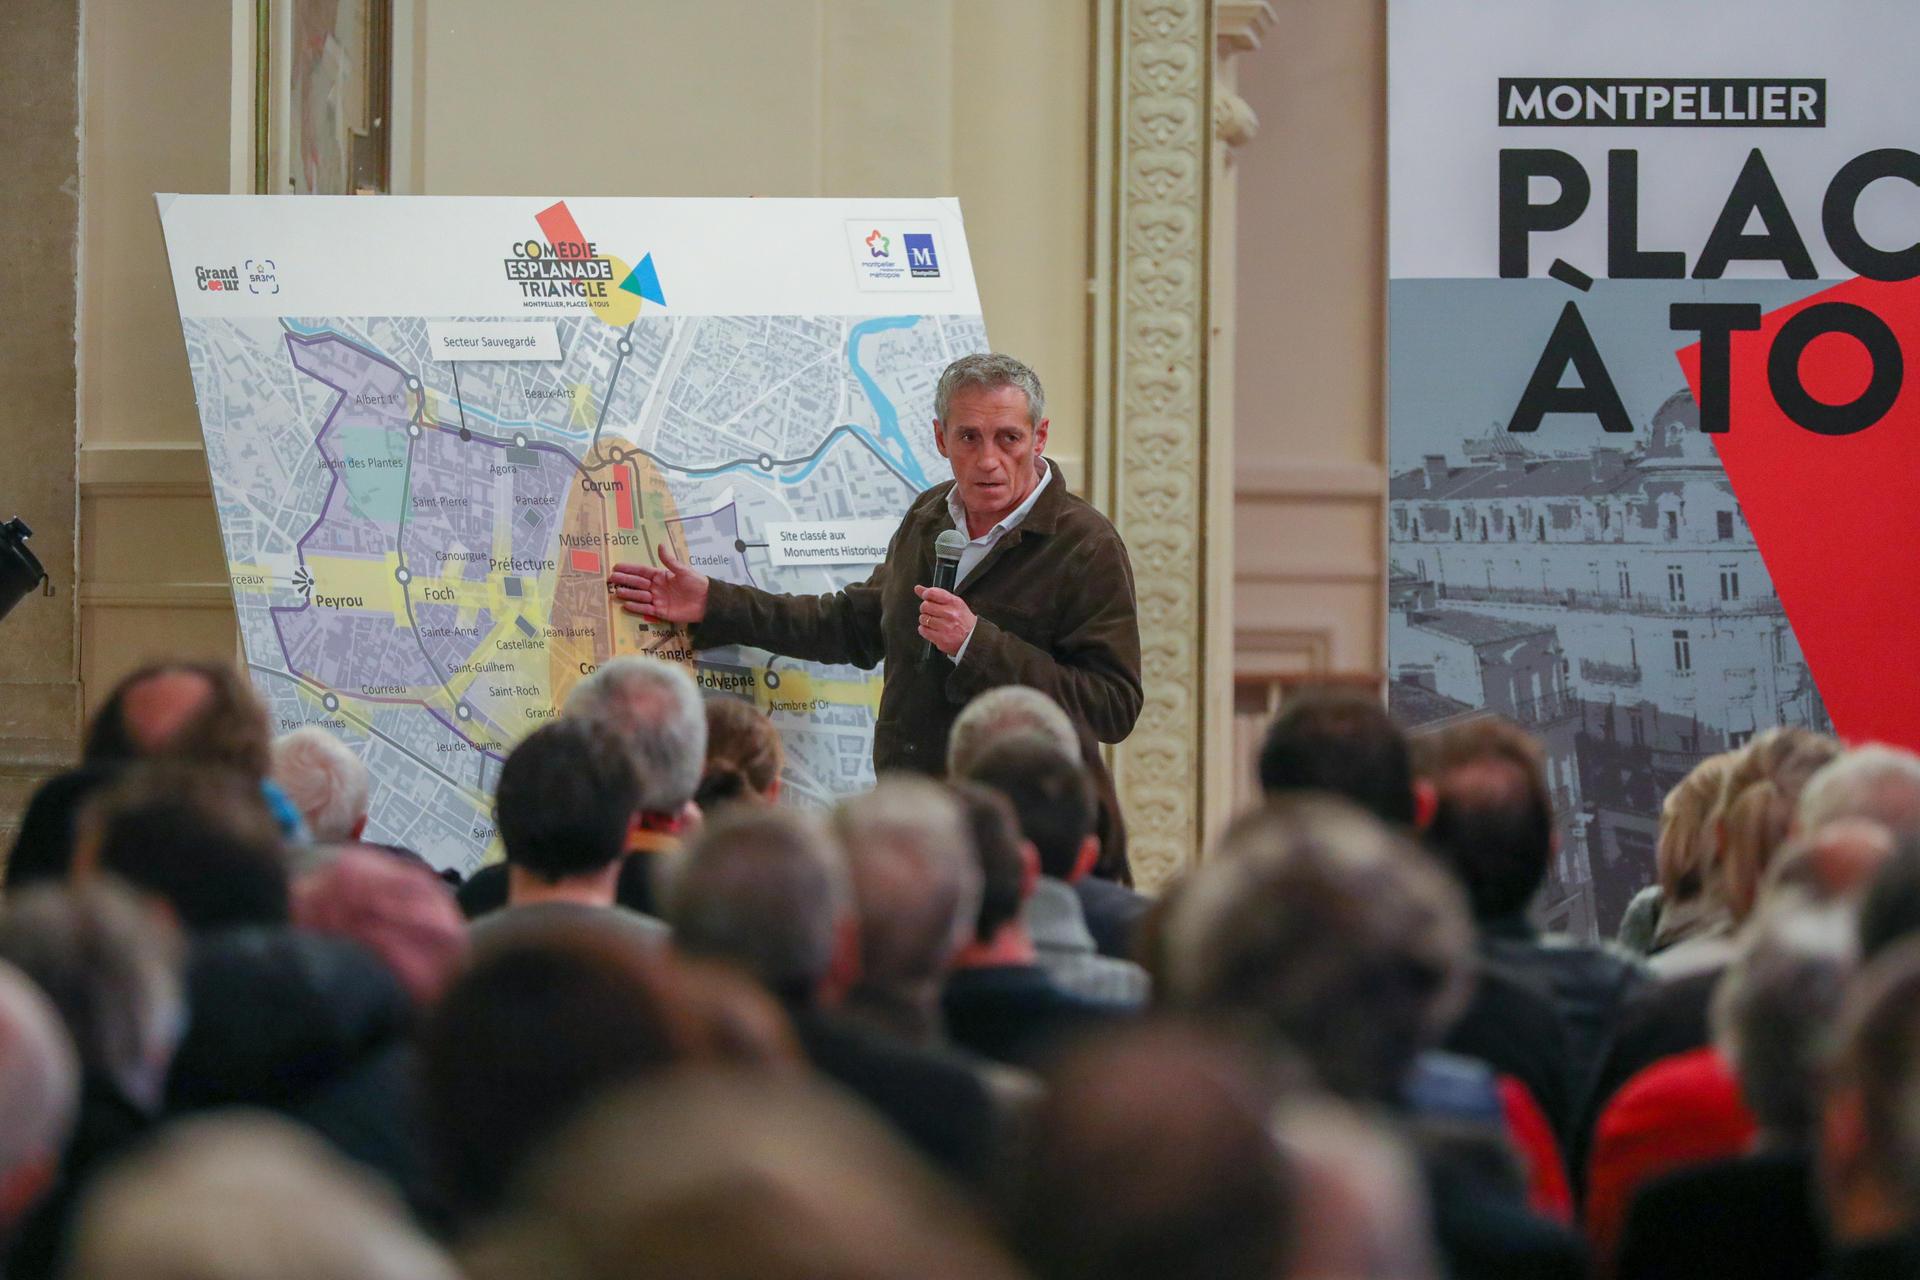 Le mardi 20 novembre, Philippe Saurel, Maire de Montpellier, Président de Montpellier Méditerranée Métropole a lancé « Places à tous »